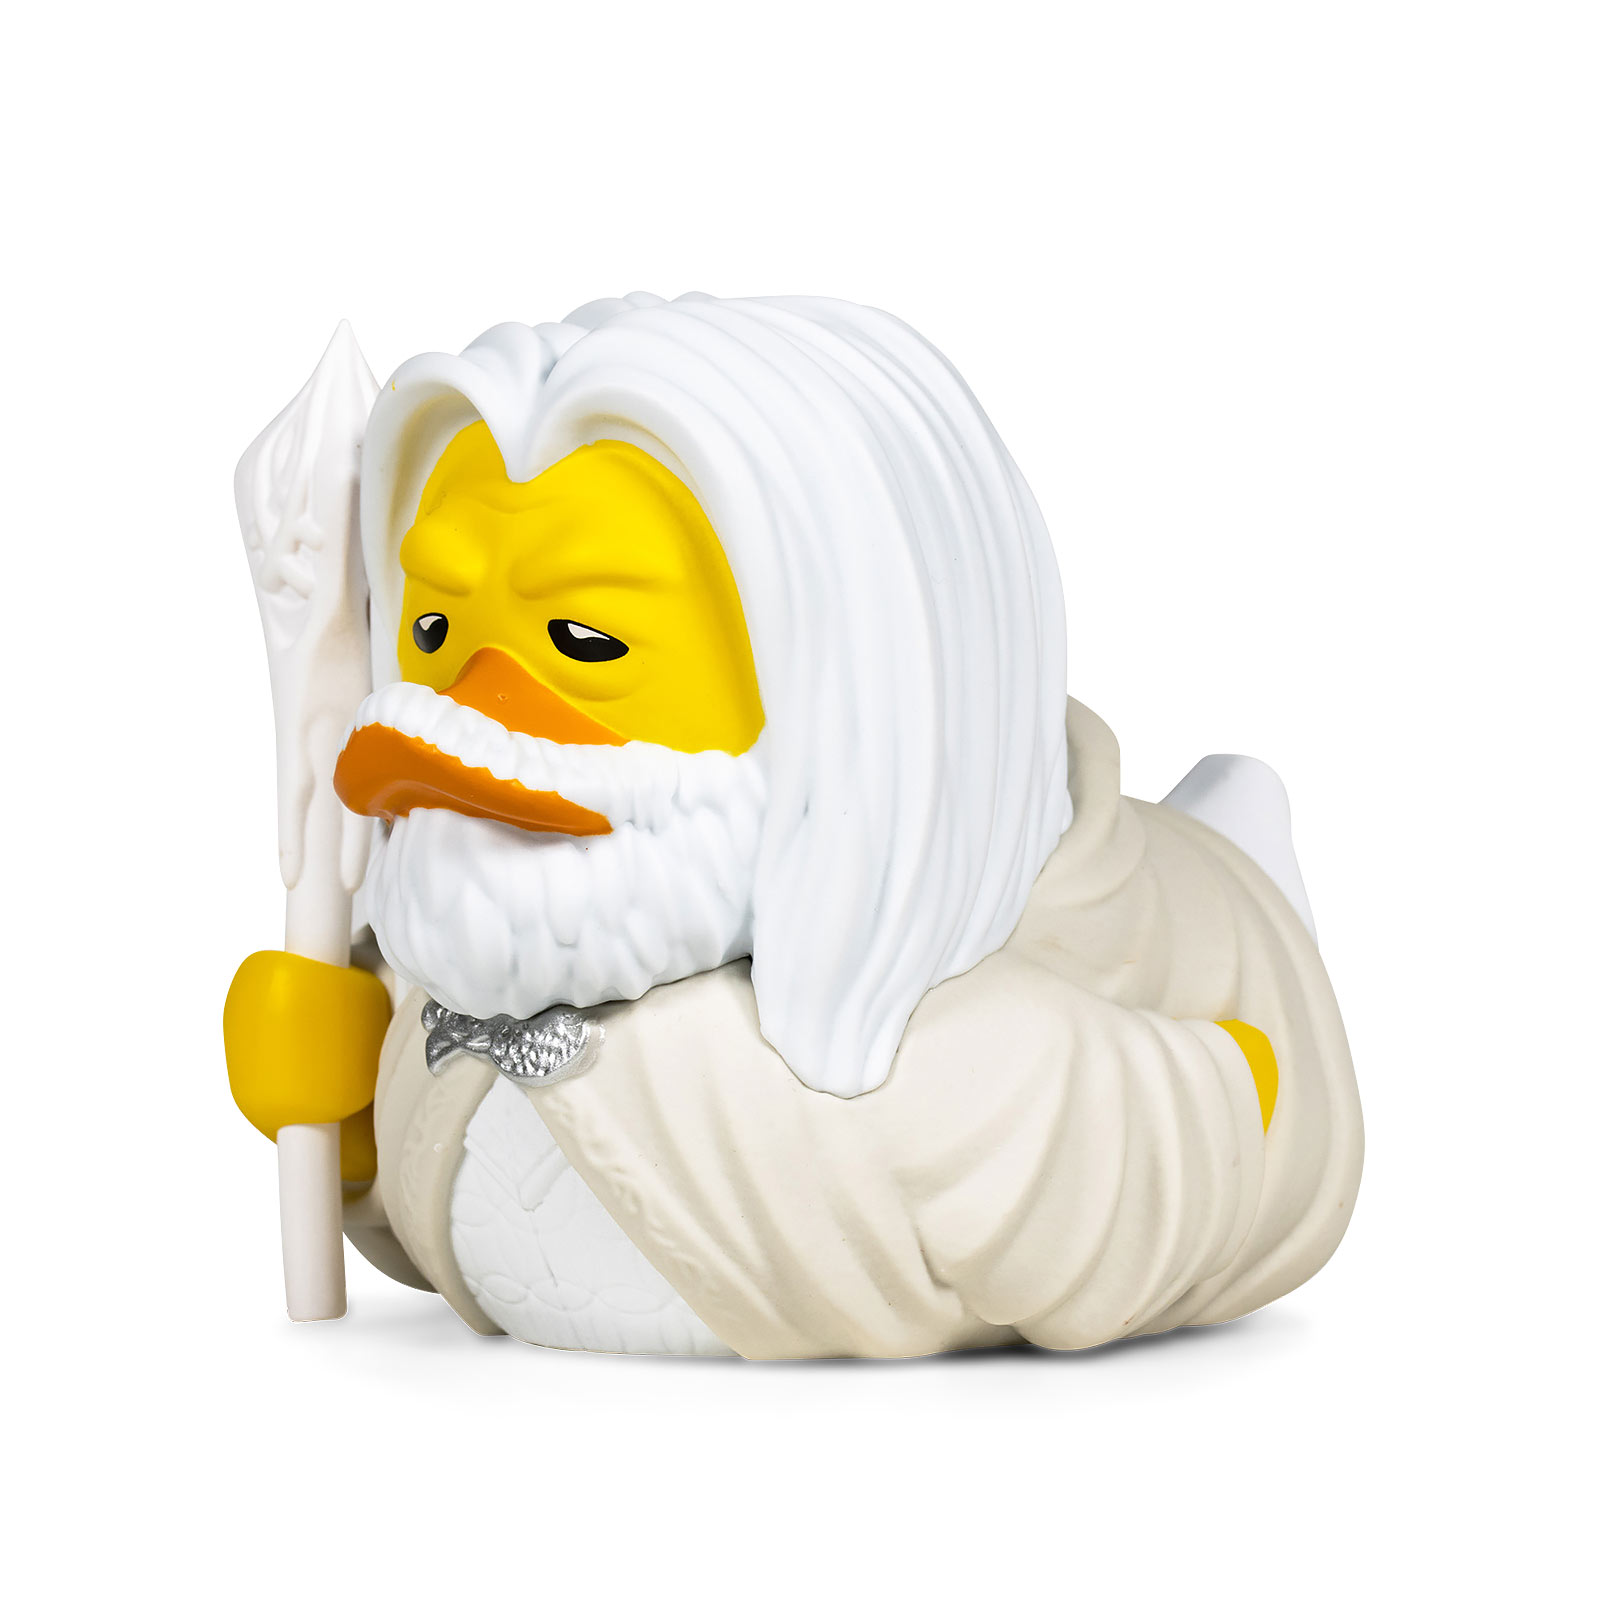 Herr der Ringe - Gandalf der Weiße TUBBZ Deko Ente